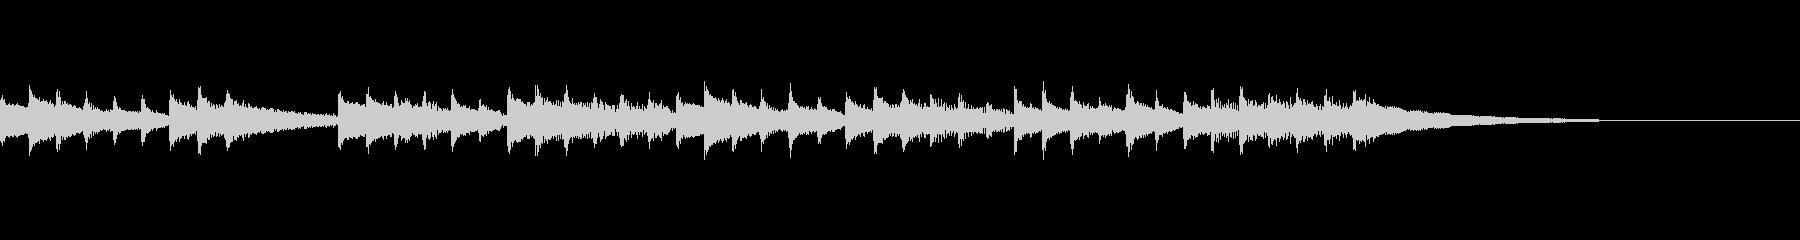 ハープの物悲しい短い曲の未再生の波形